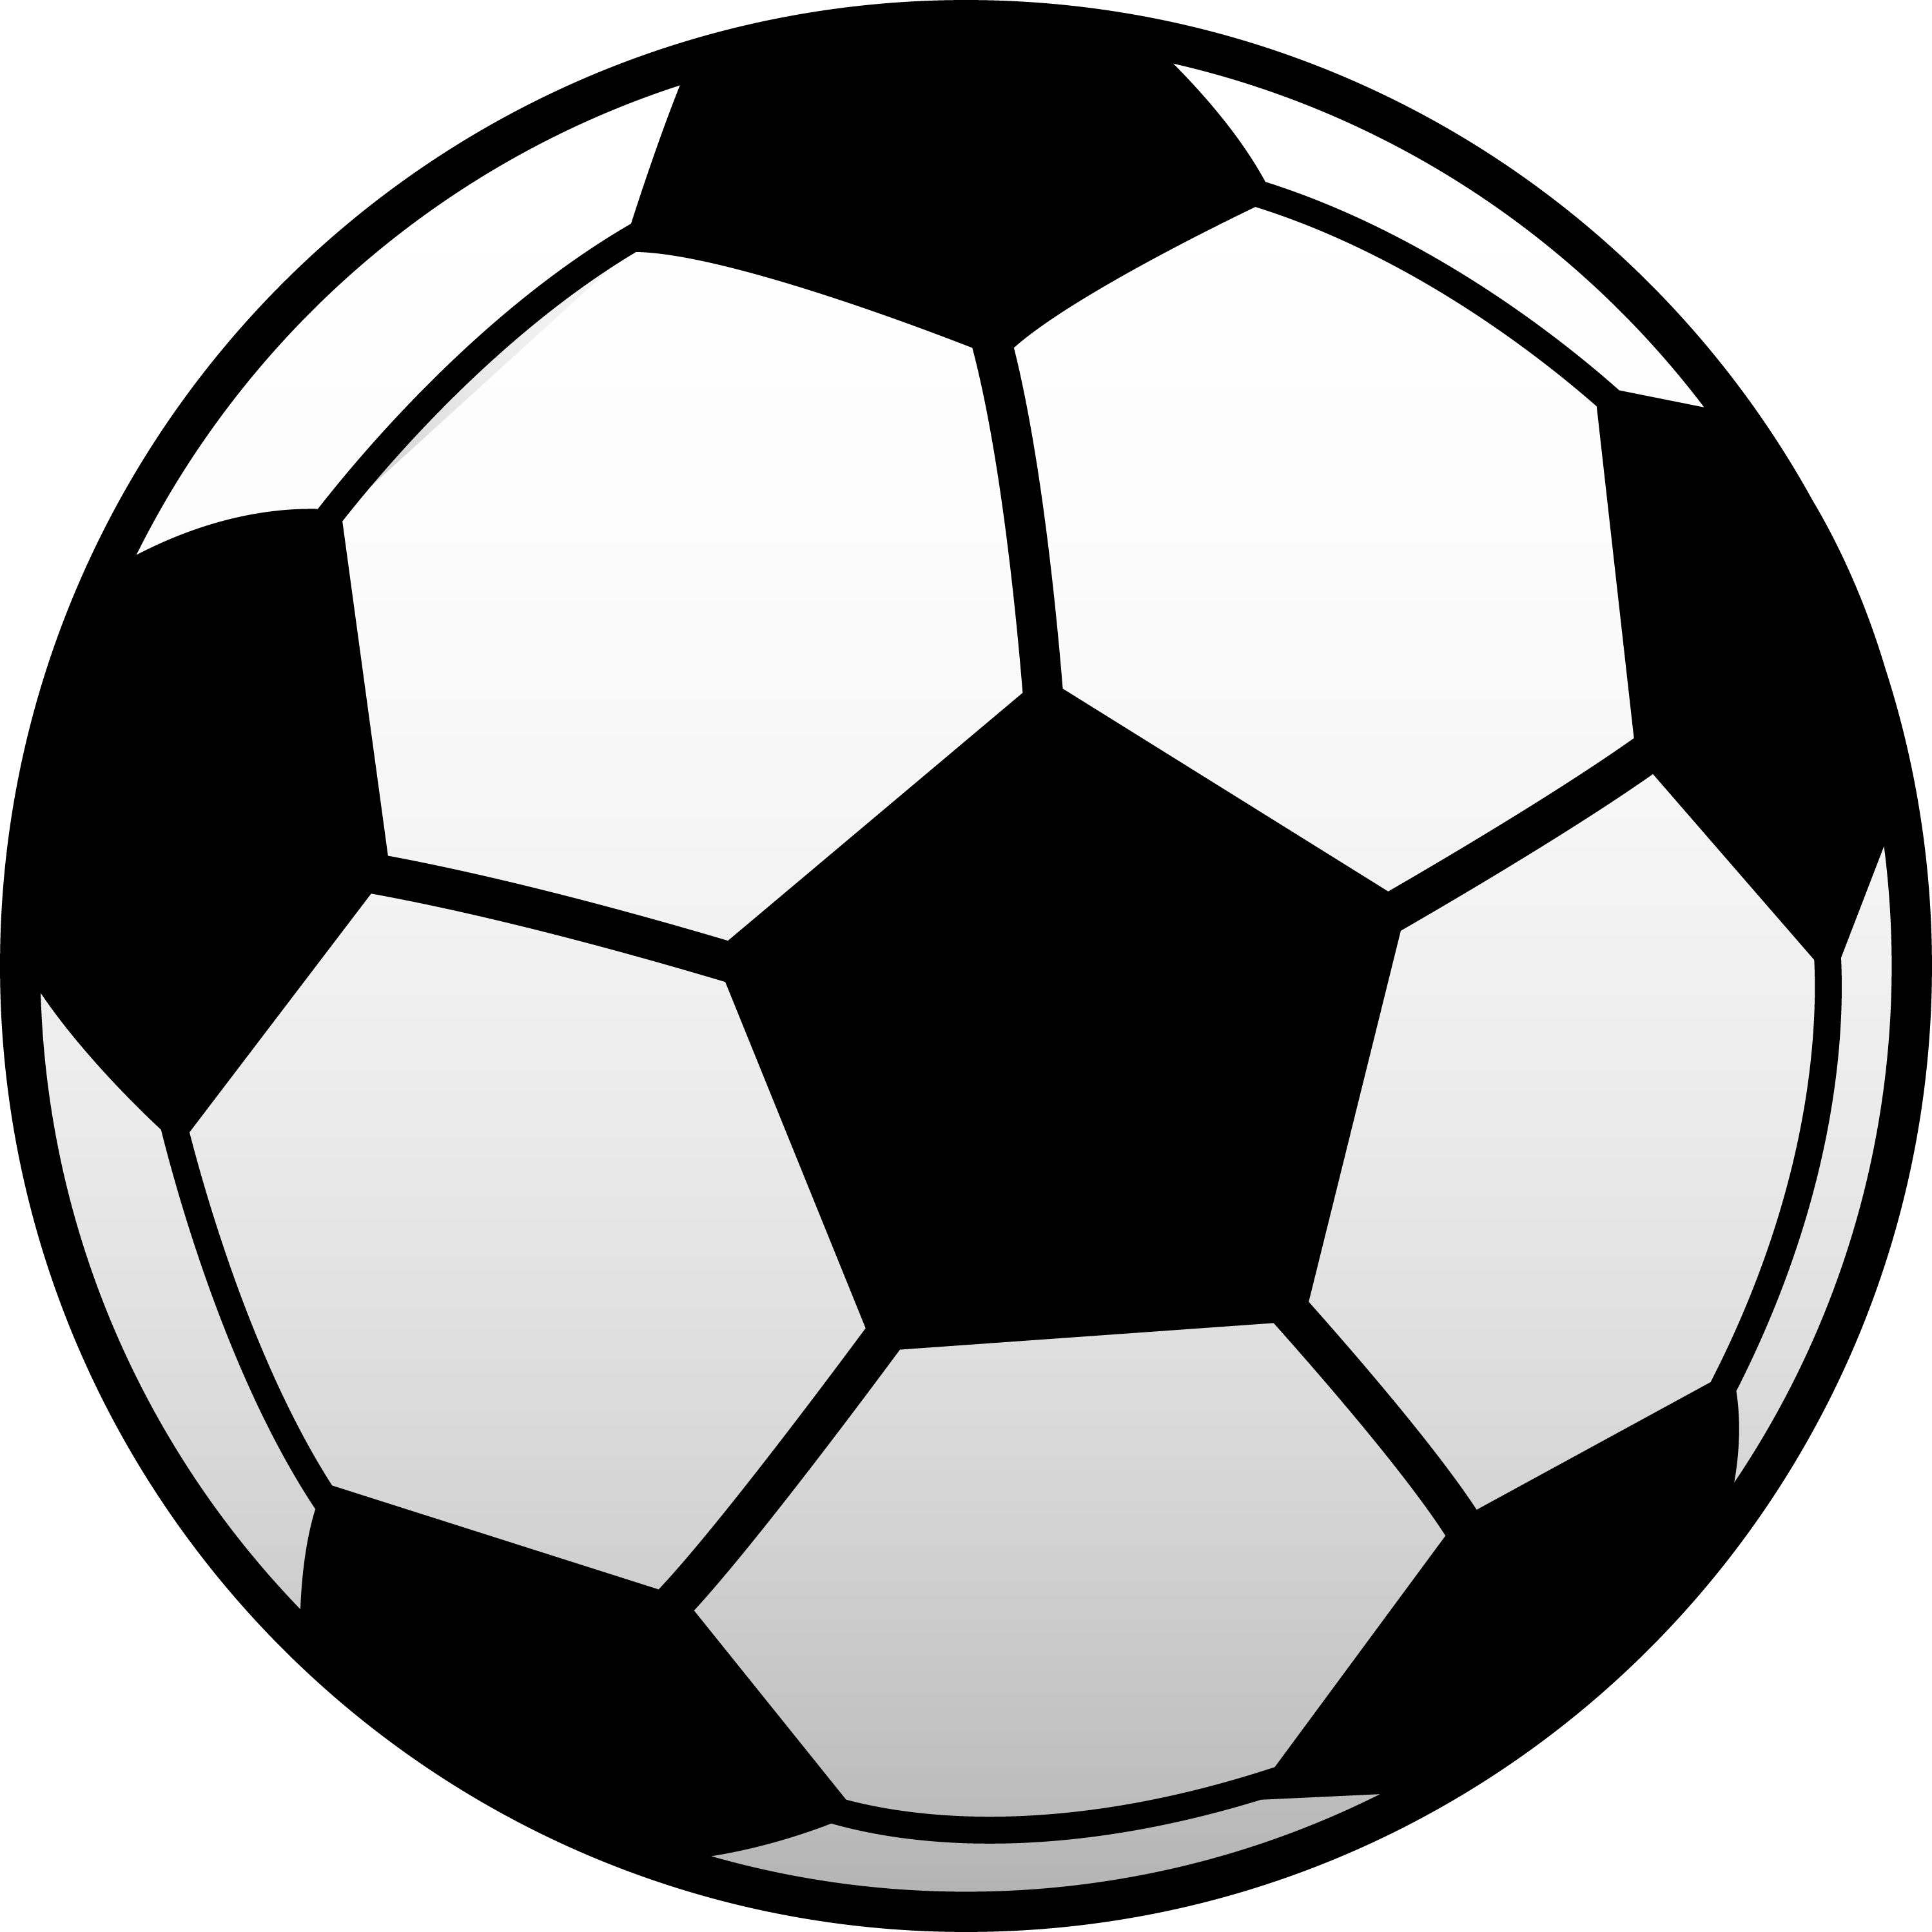 soccer ball clipart-soccer ball clipart-0